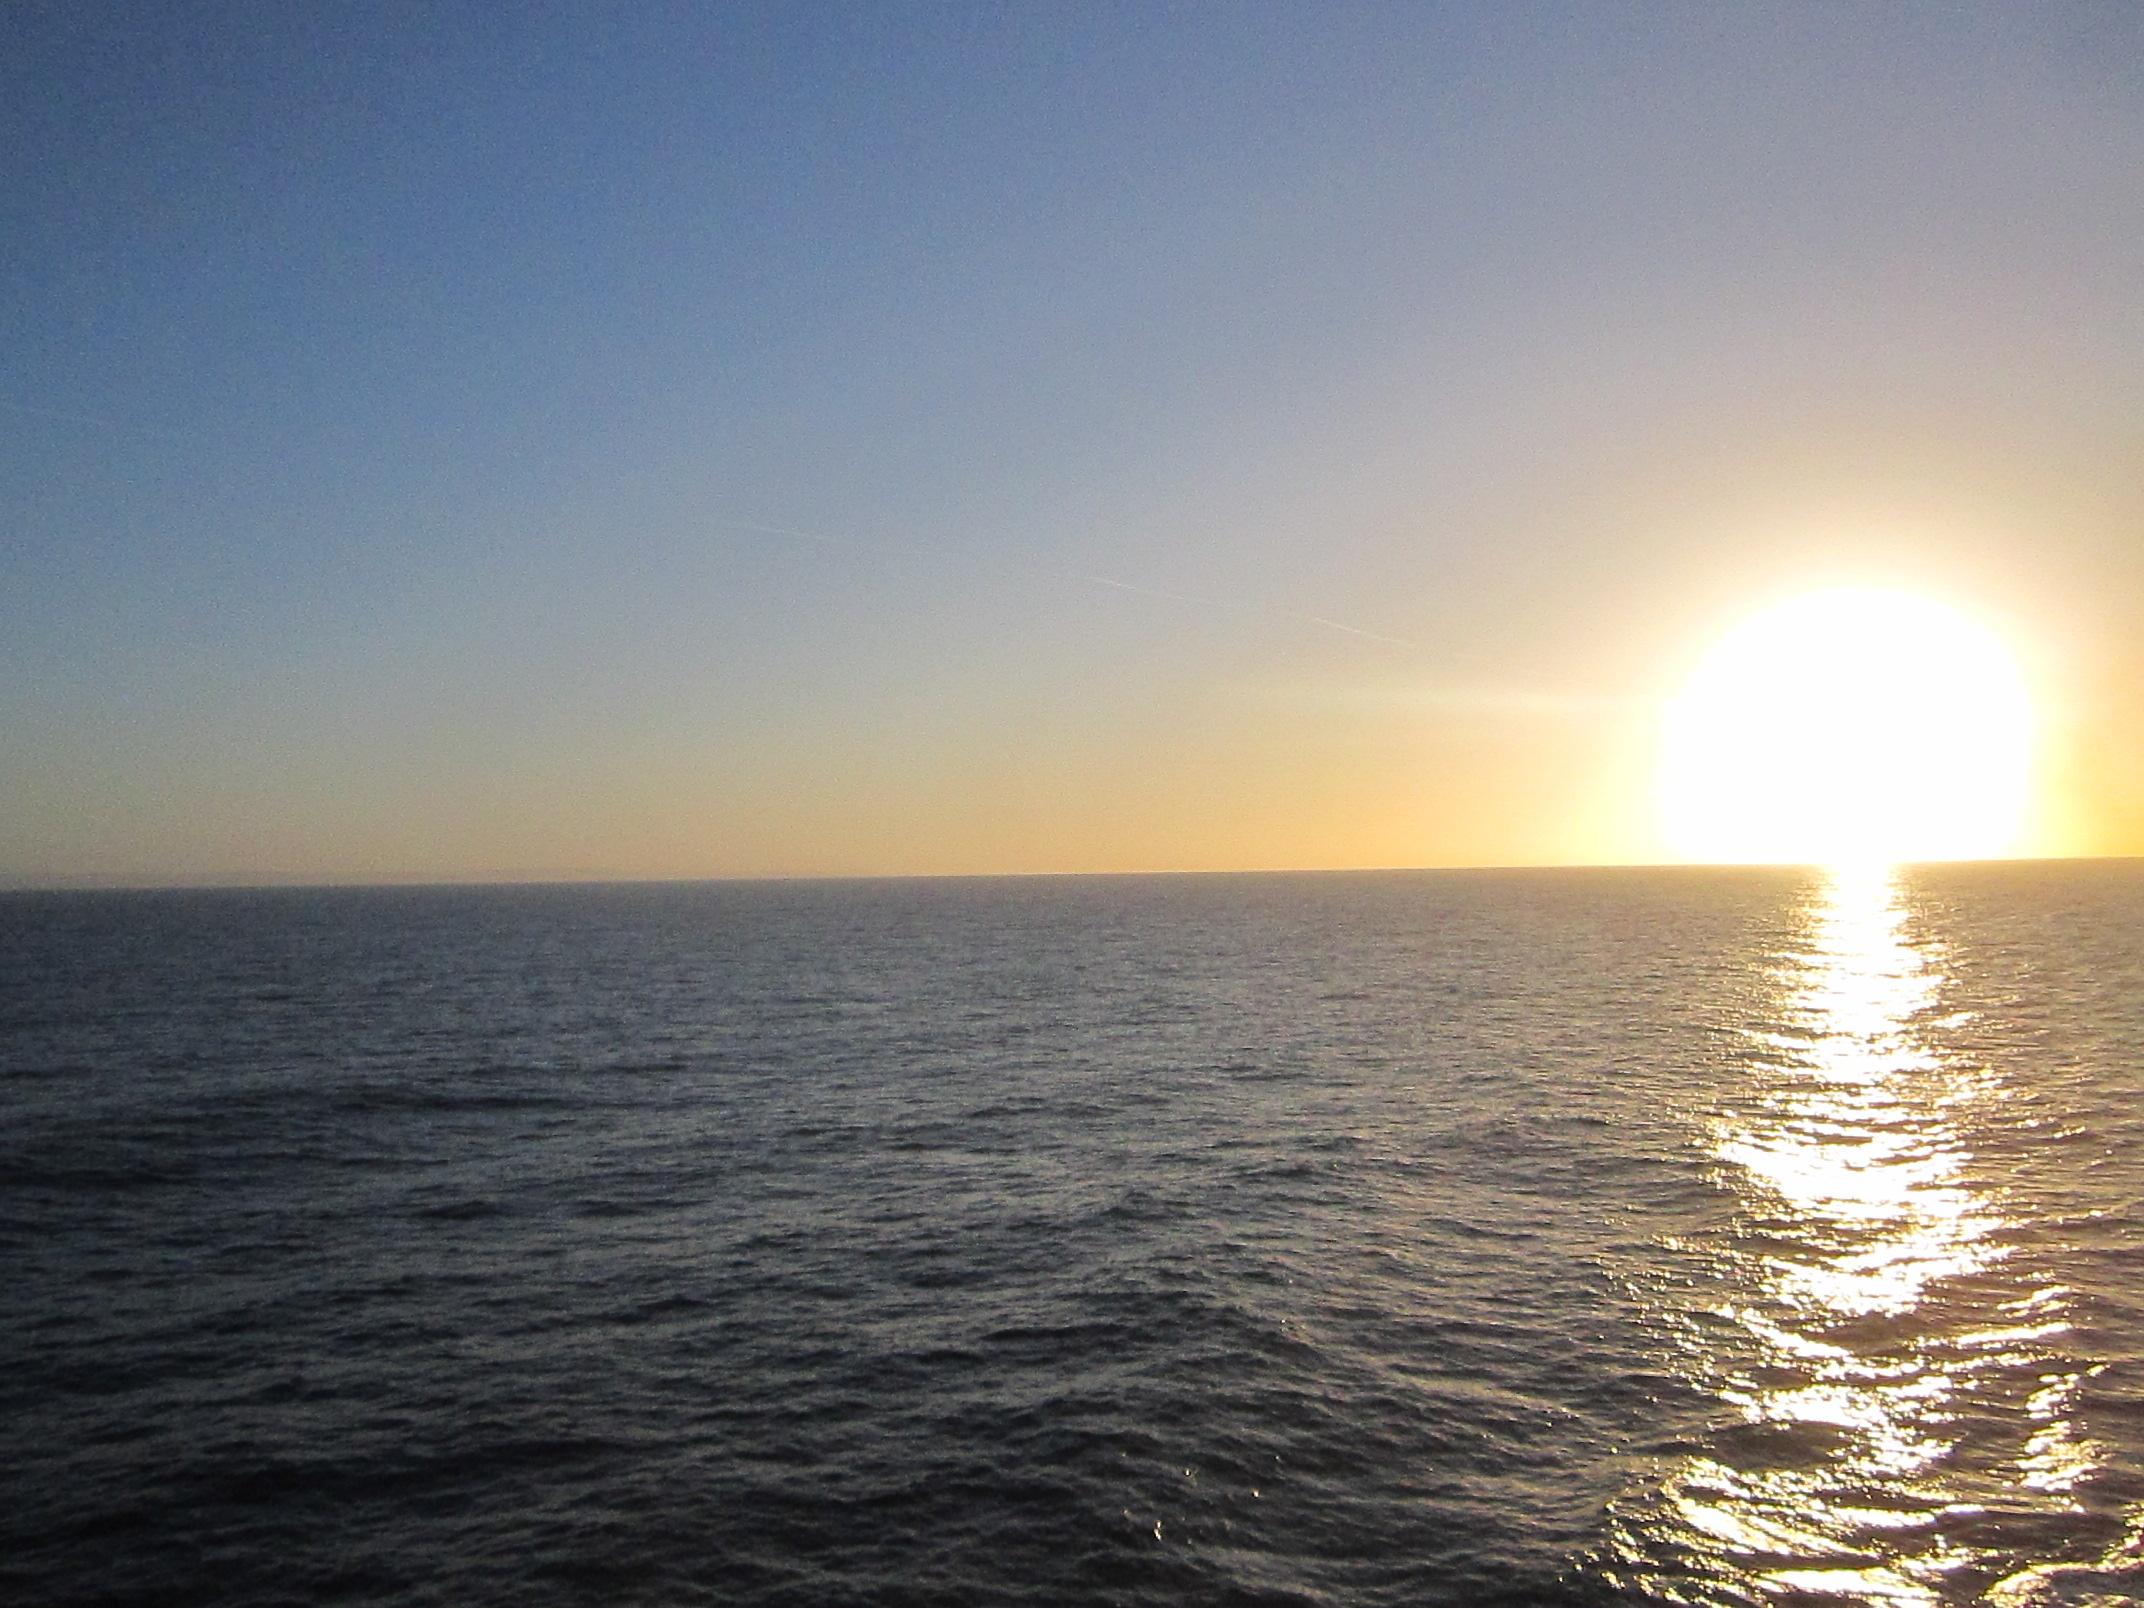 Nach spektakulärer Flucht: Böses Raumschiff vor Florenz abgestürzt